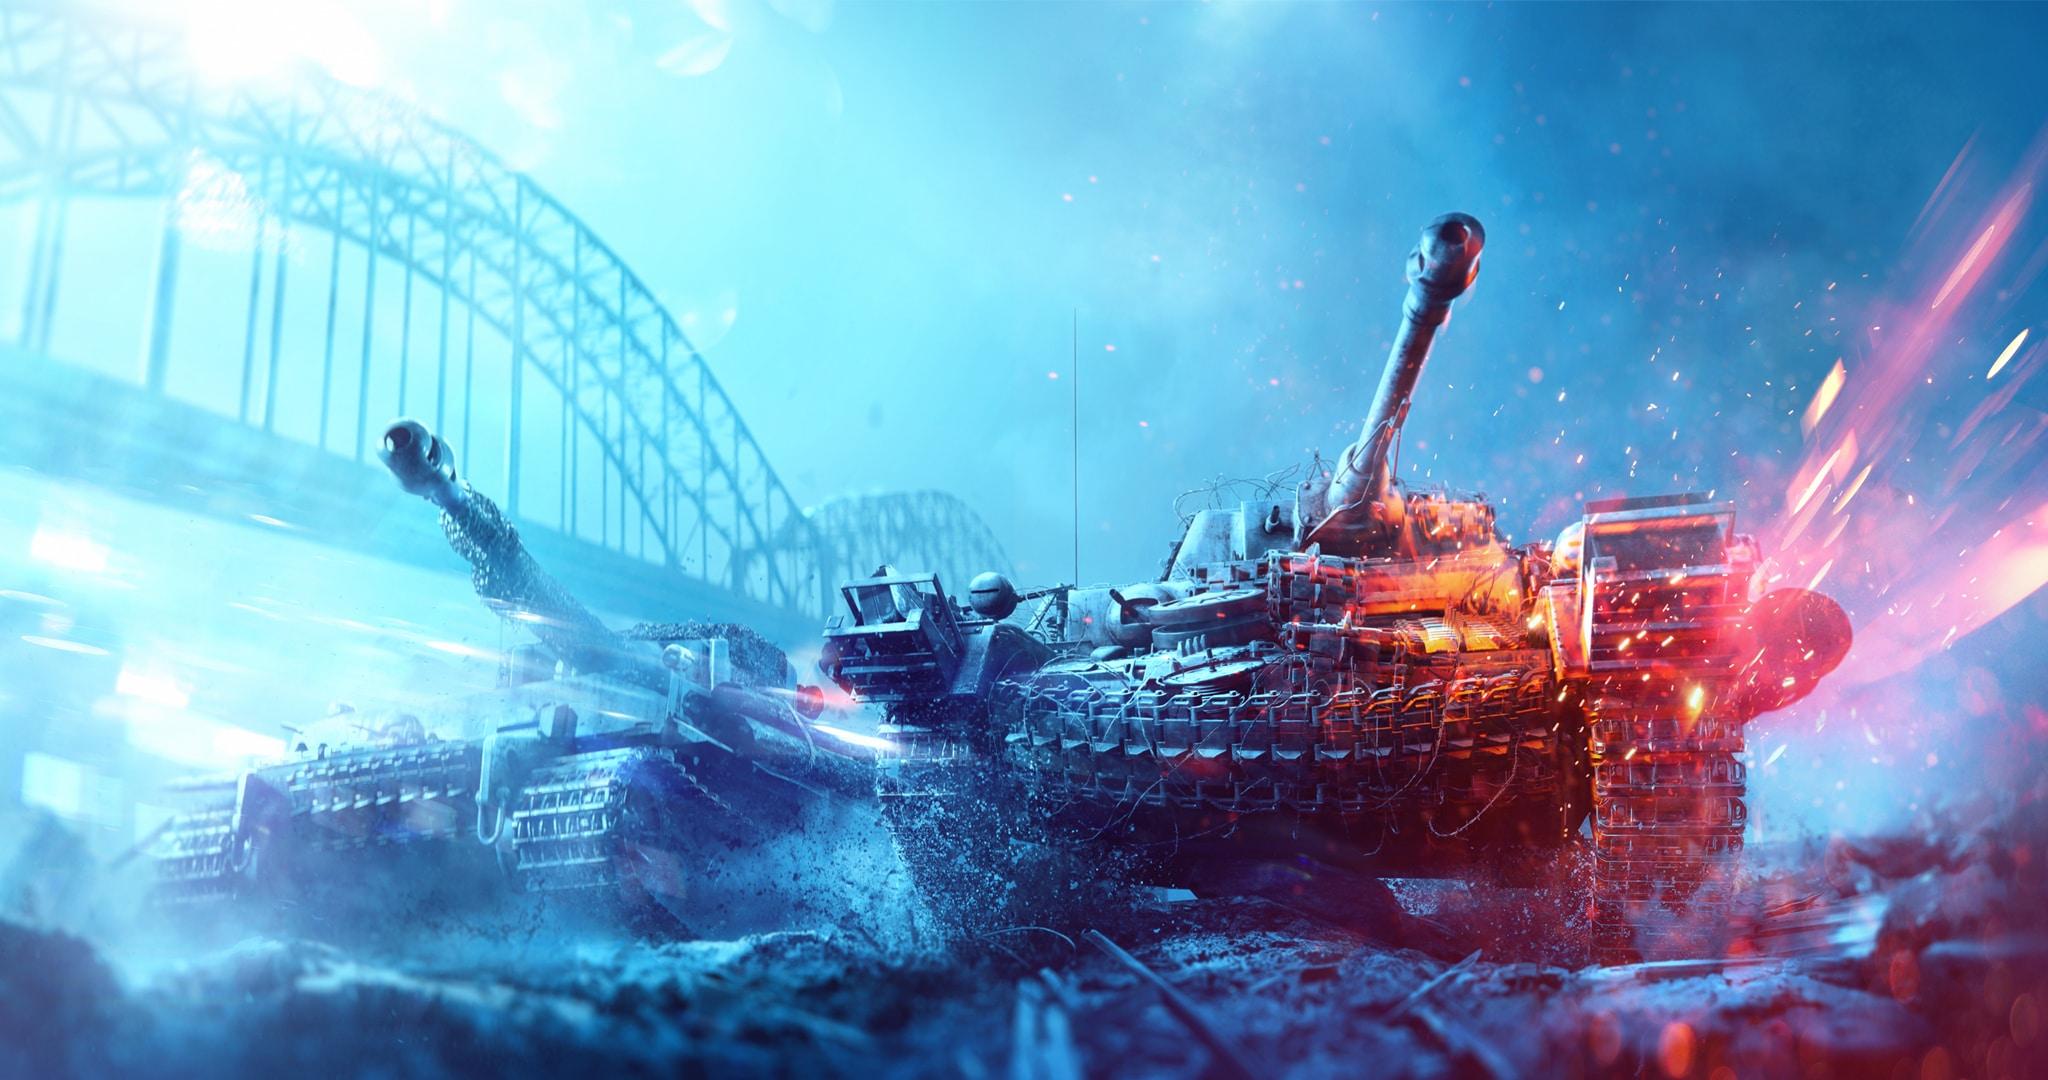 bg-bf5-tanks-agr